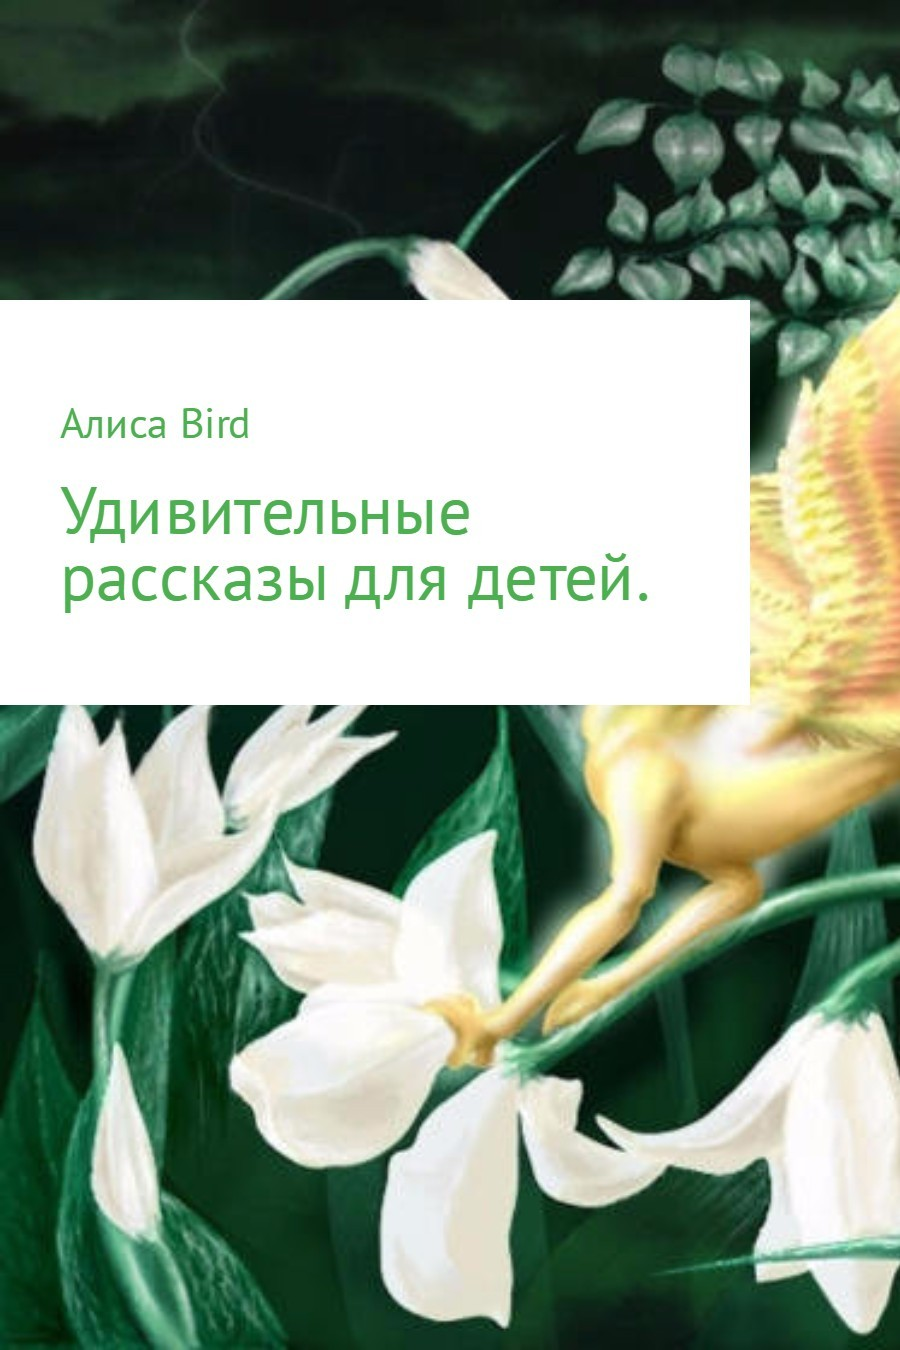 Алиса Bird бесплатно